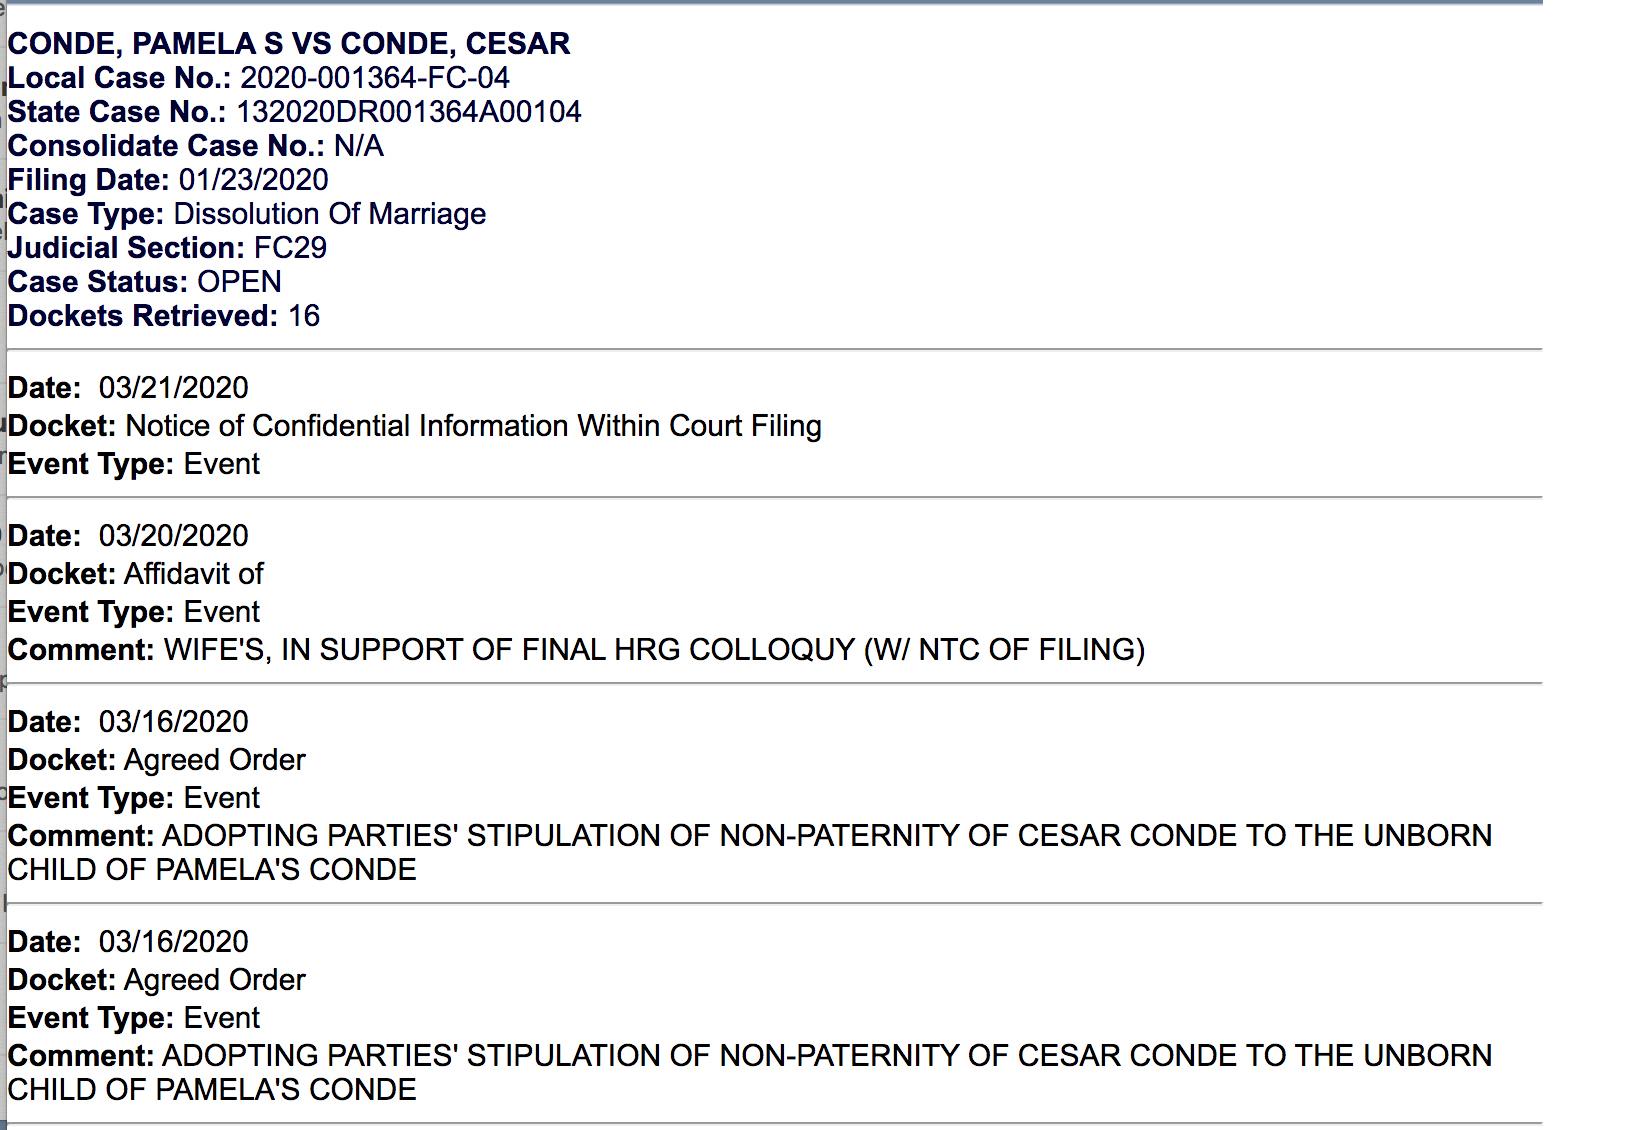 La demanda de divorcio entre Pamela Silva y César Conde